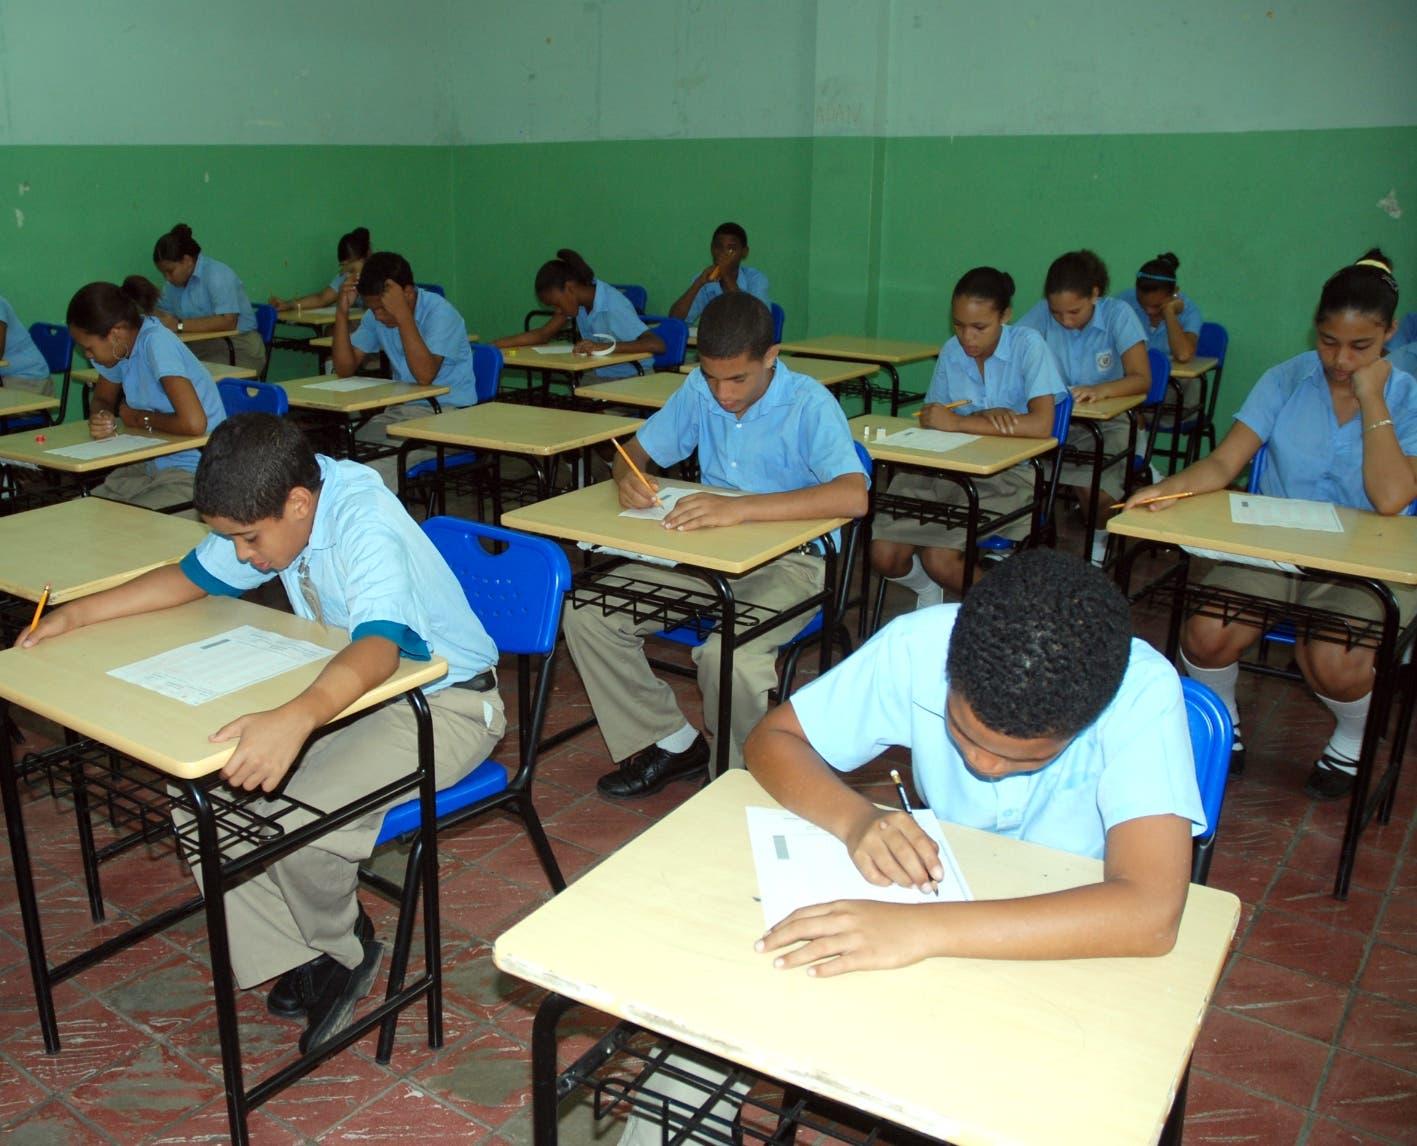 Coronavirus: Debatirán si se concluye o no el año escolar en el país